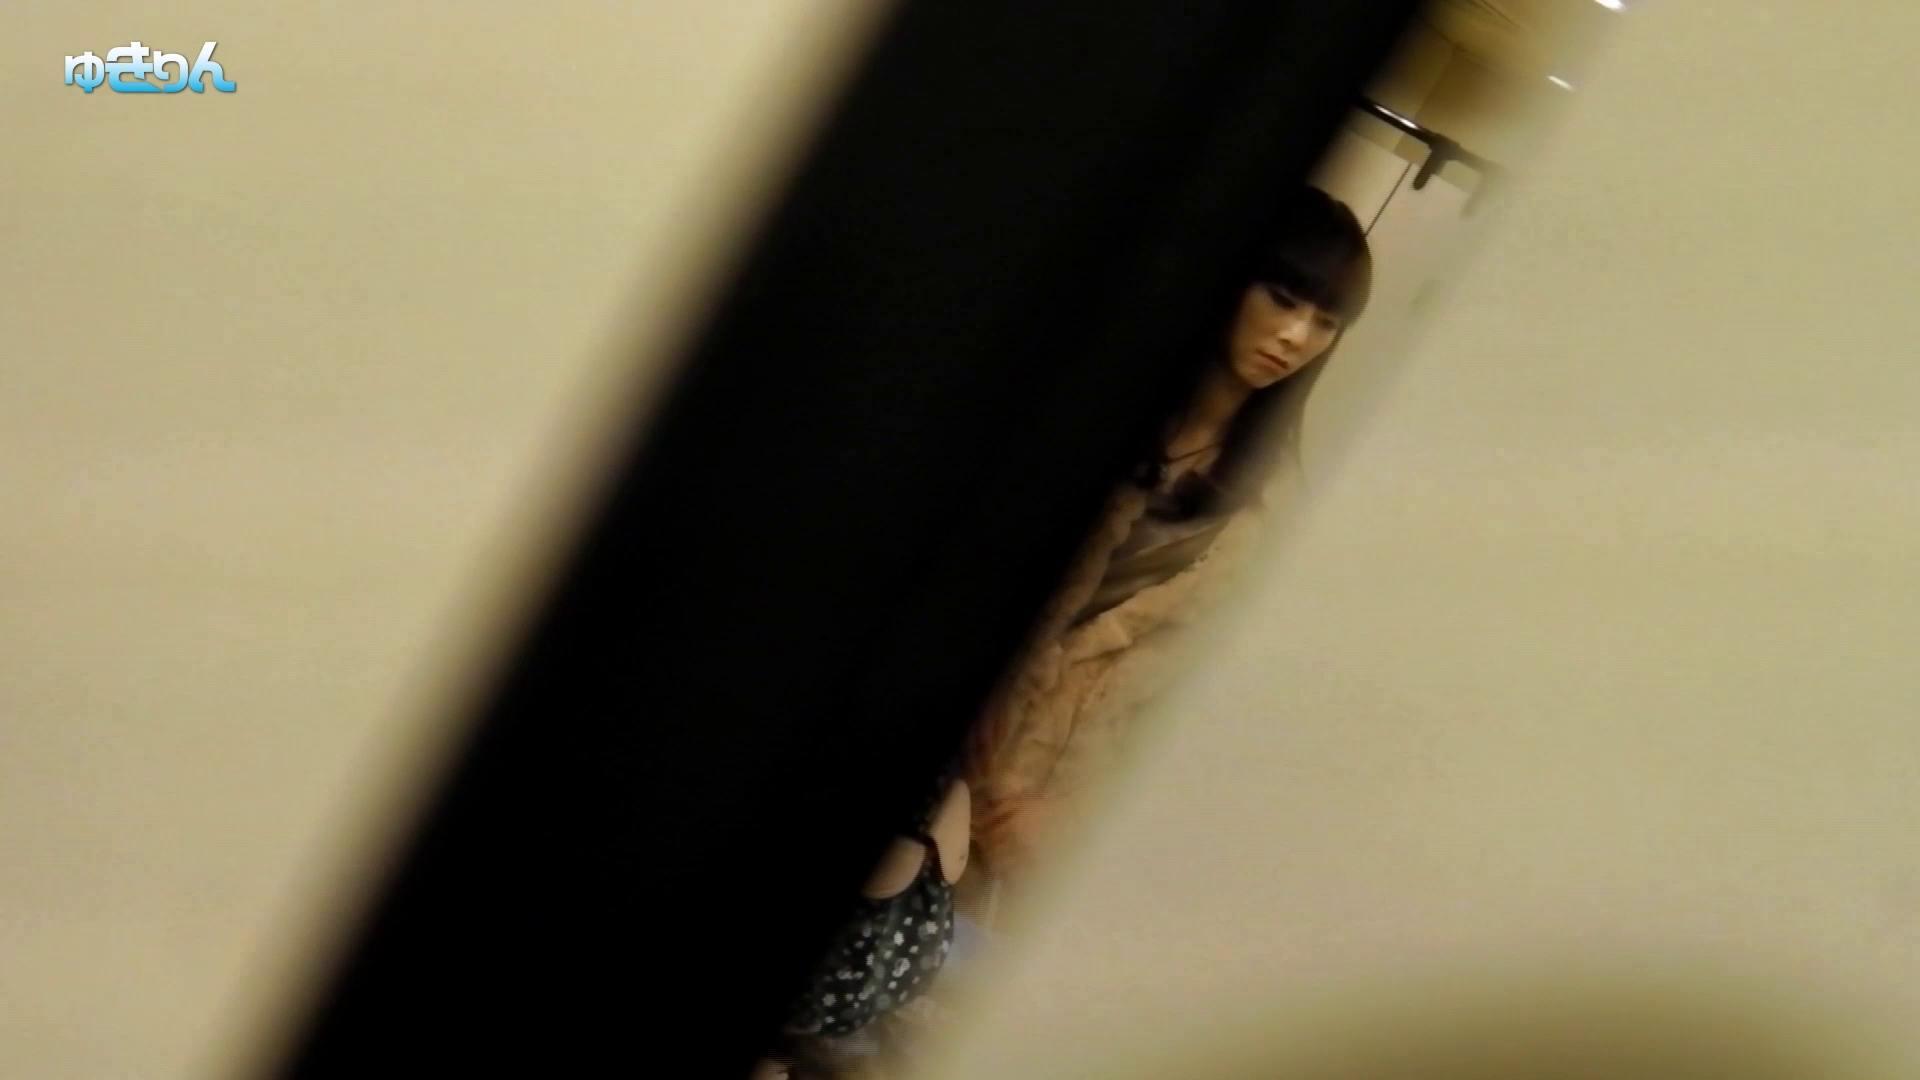 新世界の射窓 No82 新たな場所への挑戦、思わぬ、美女が隣に入ってくれた。 エッチなお姉さん AV動画キャプチャ 98画像 74